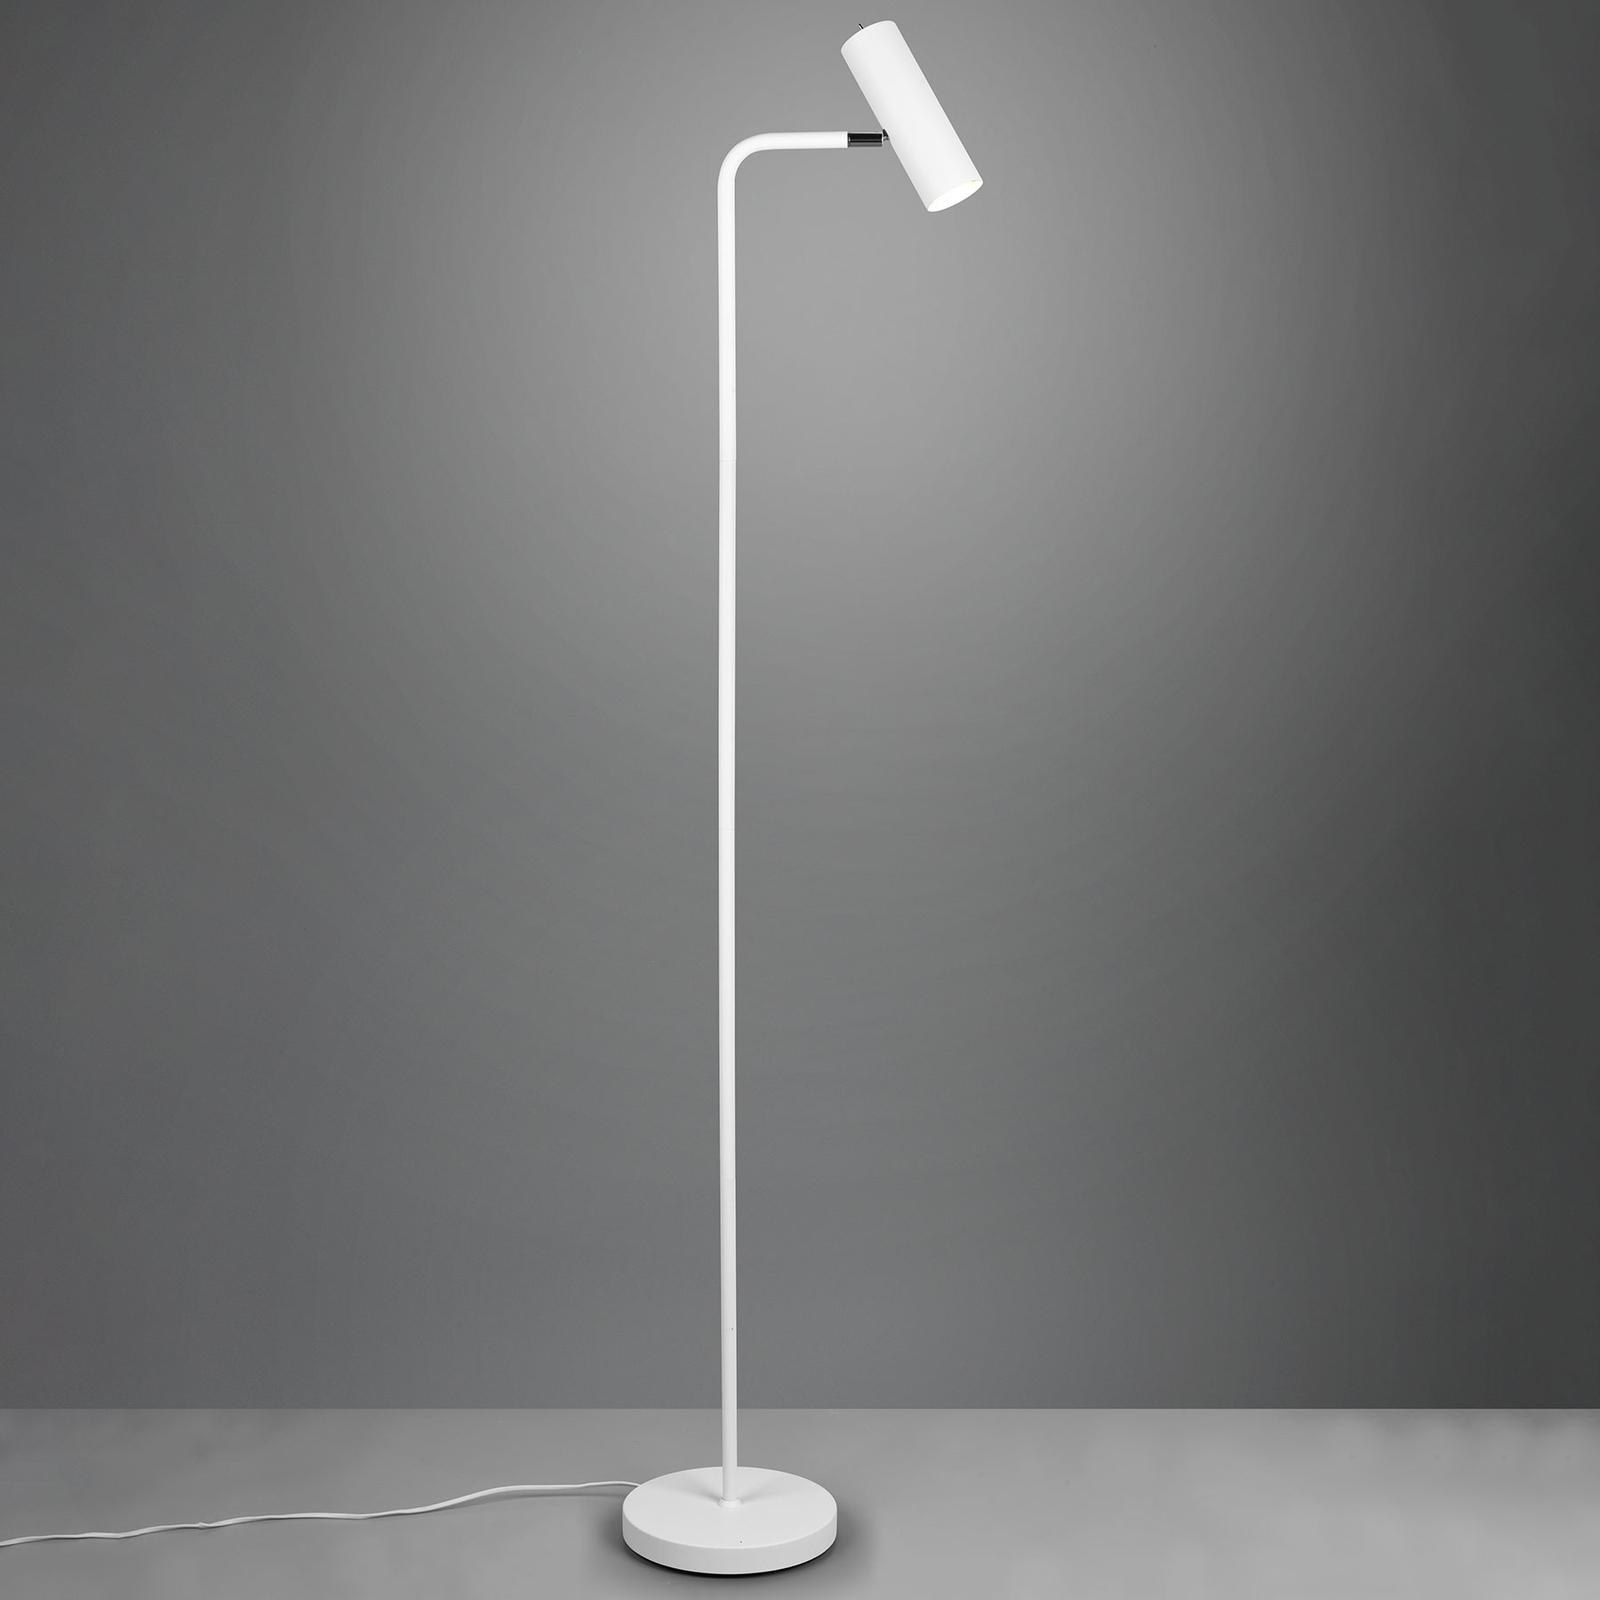 Stehlampe Marley, weiß matt